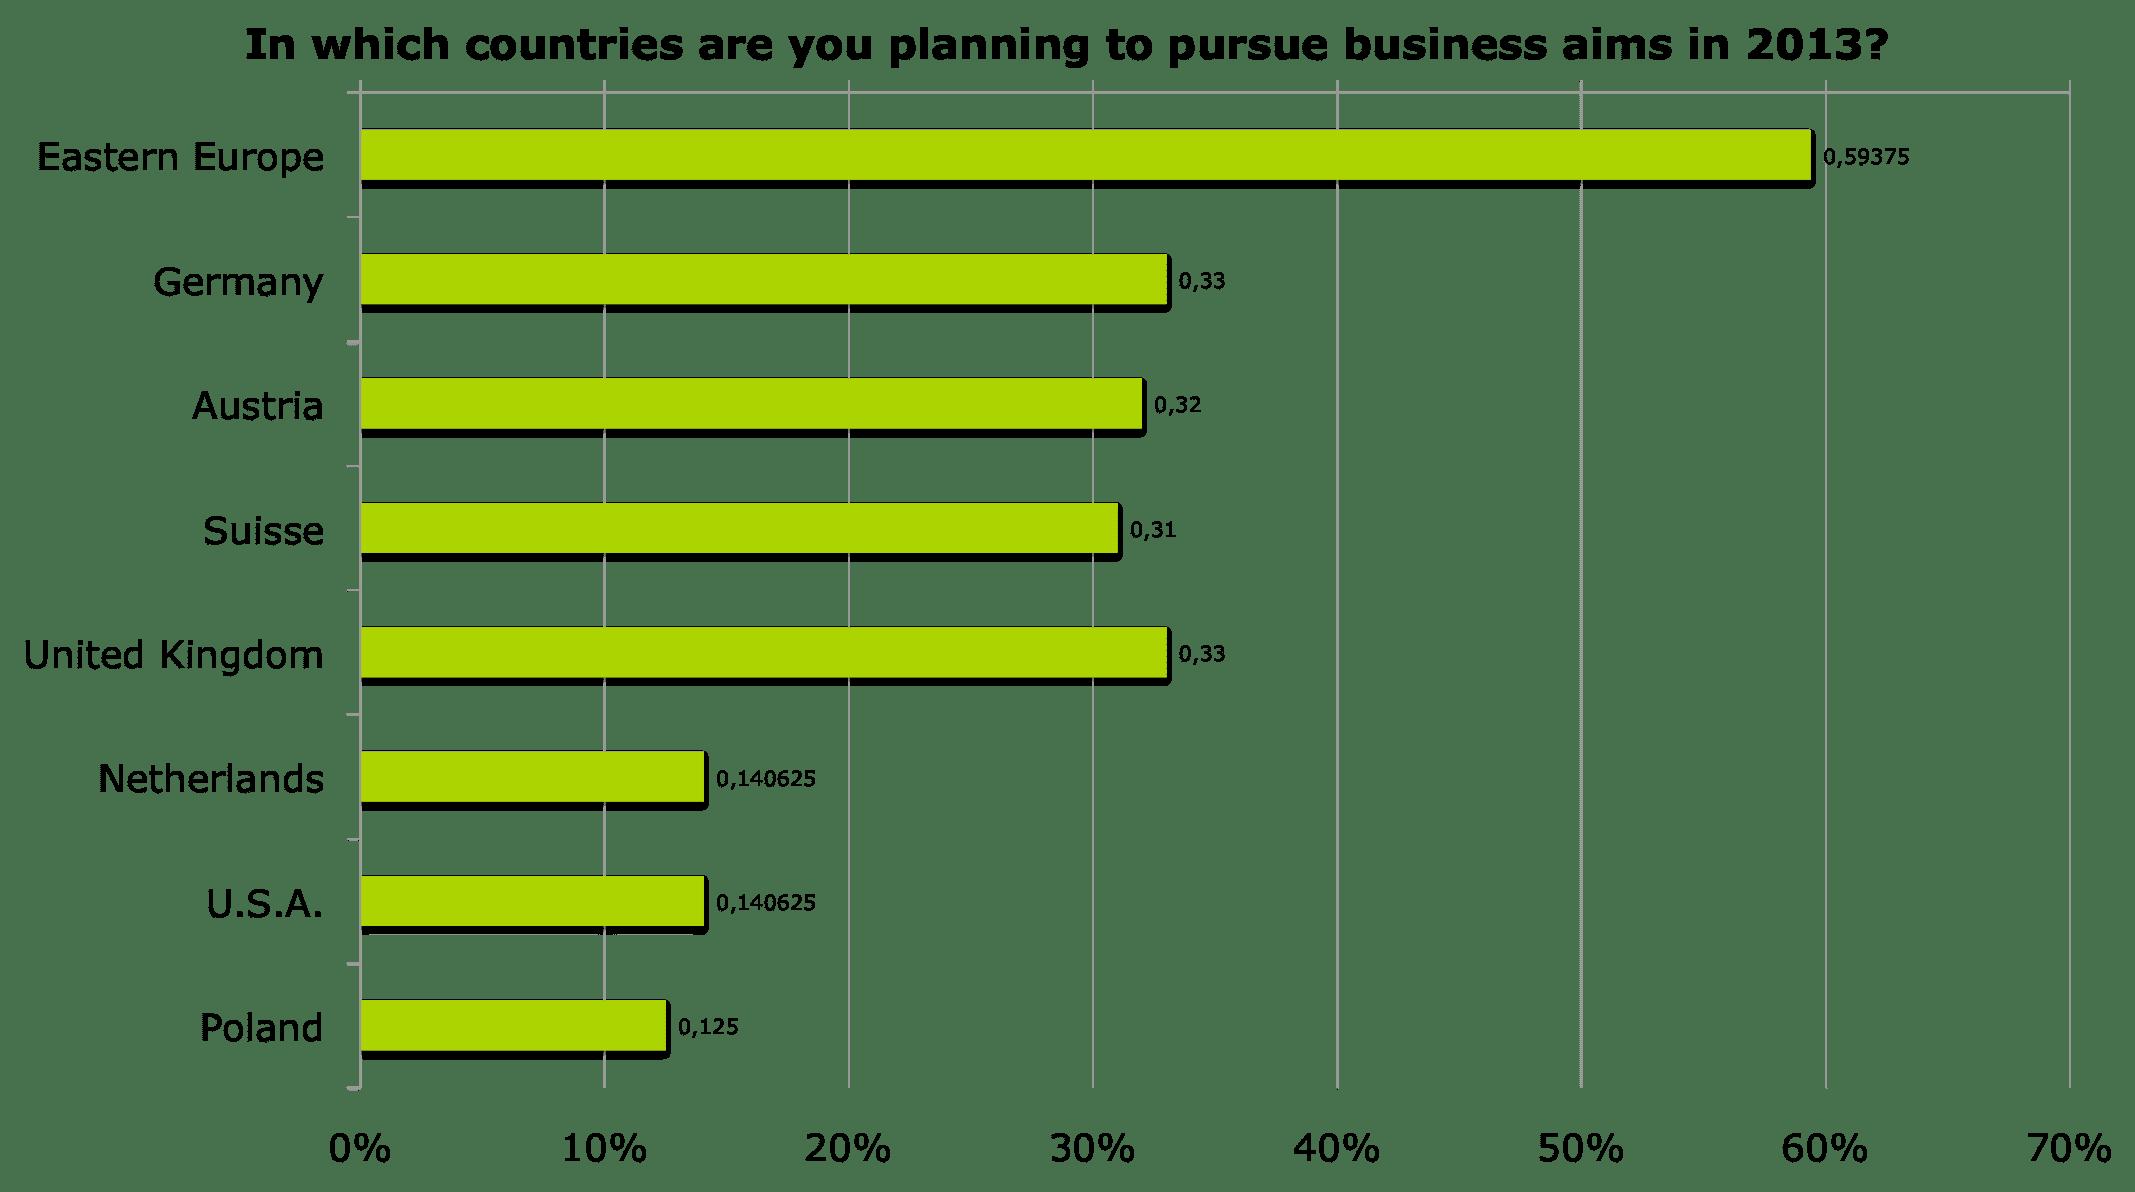 Die heißesten Länder für internationale Geschäftsziele